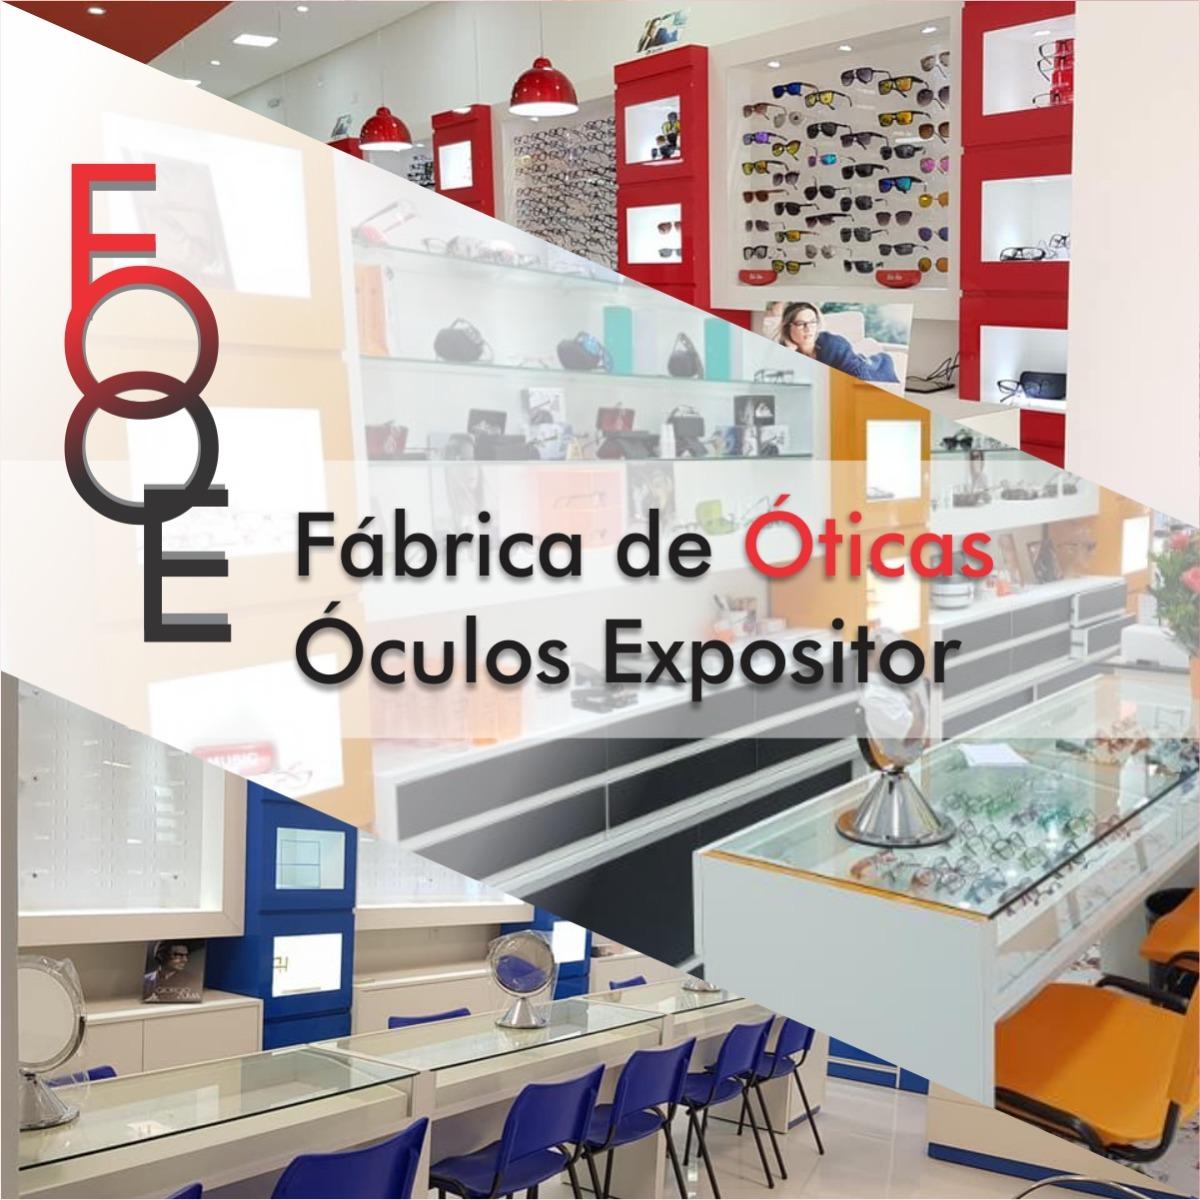 2fd06e60d Loja Otica Completa Moveis E Painéis Para Oticas Luxo - R$ 30.000,00 ...